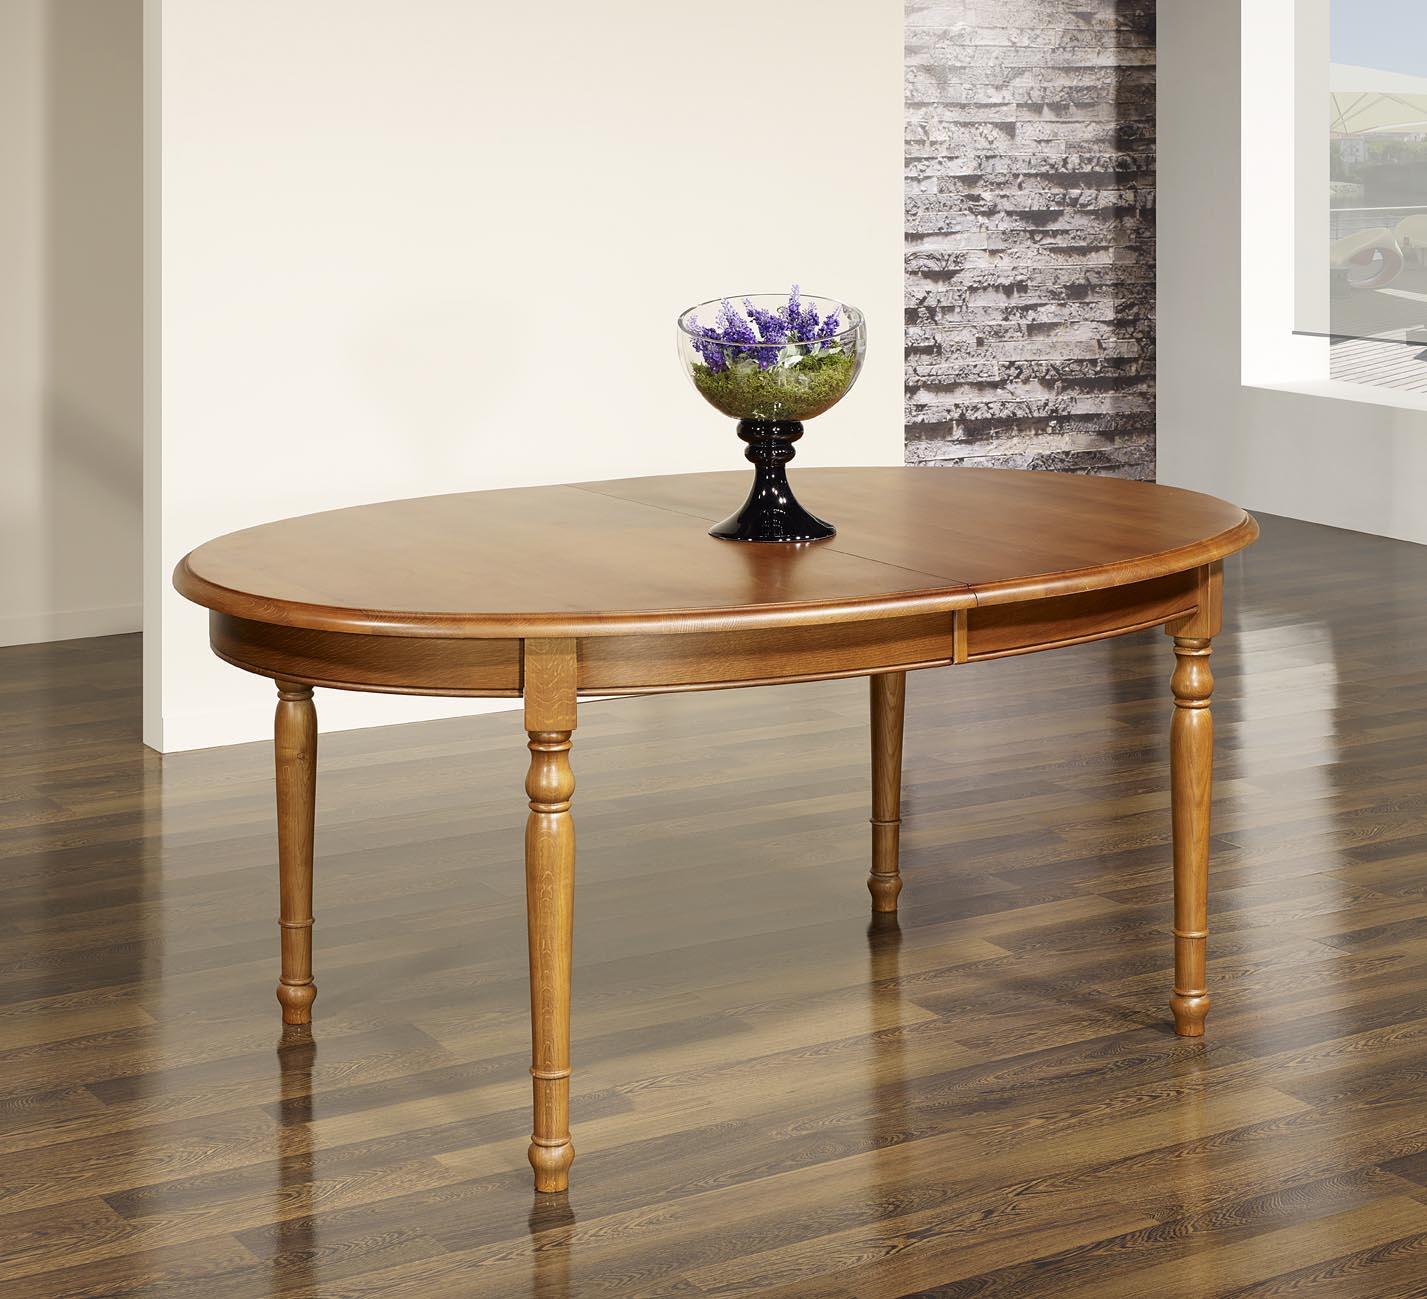 Table Ovale 170x100 Realisee En Chene Massif De Style Louis